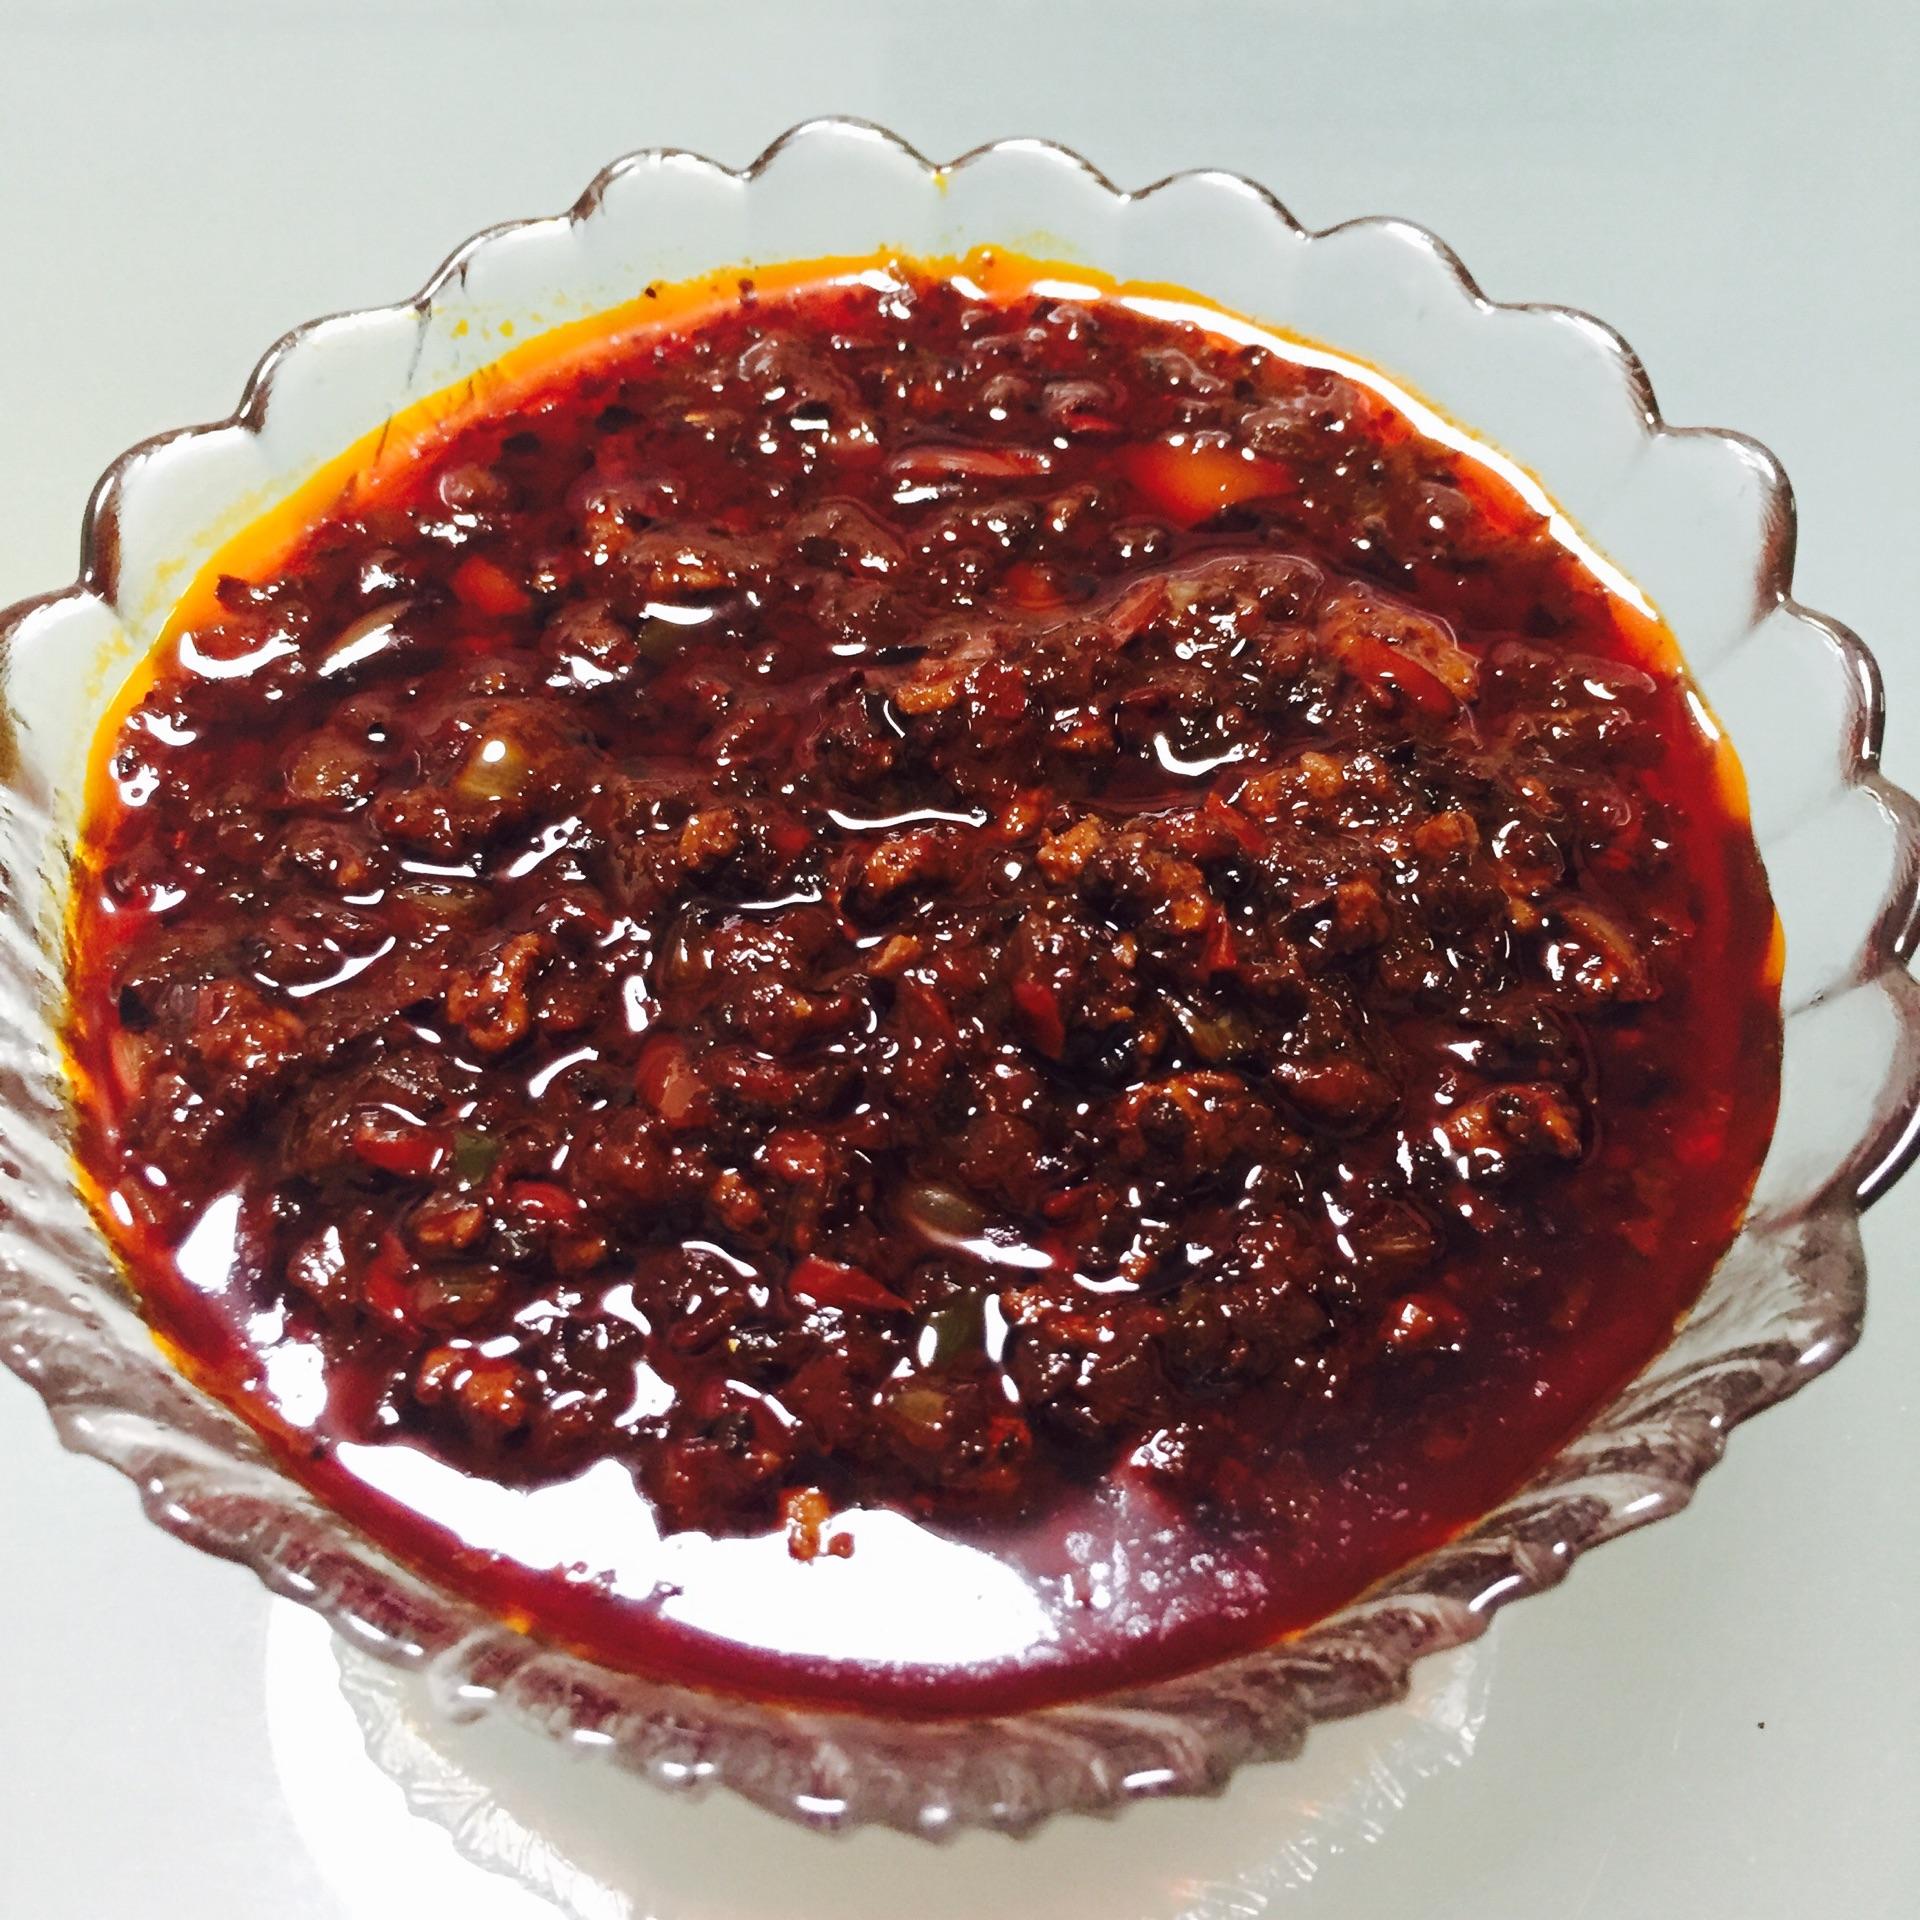 牛肉辣椒酱的做法图解12